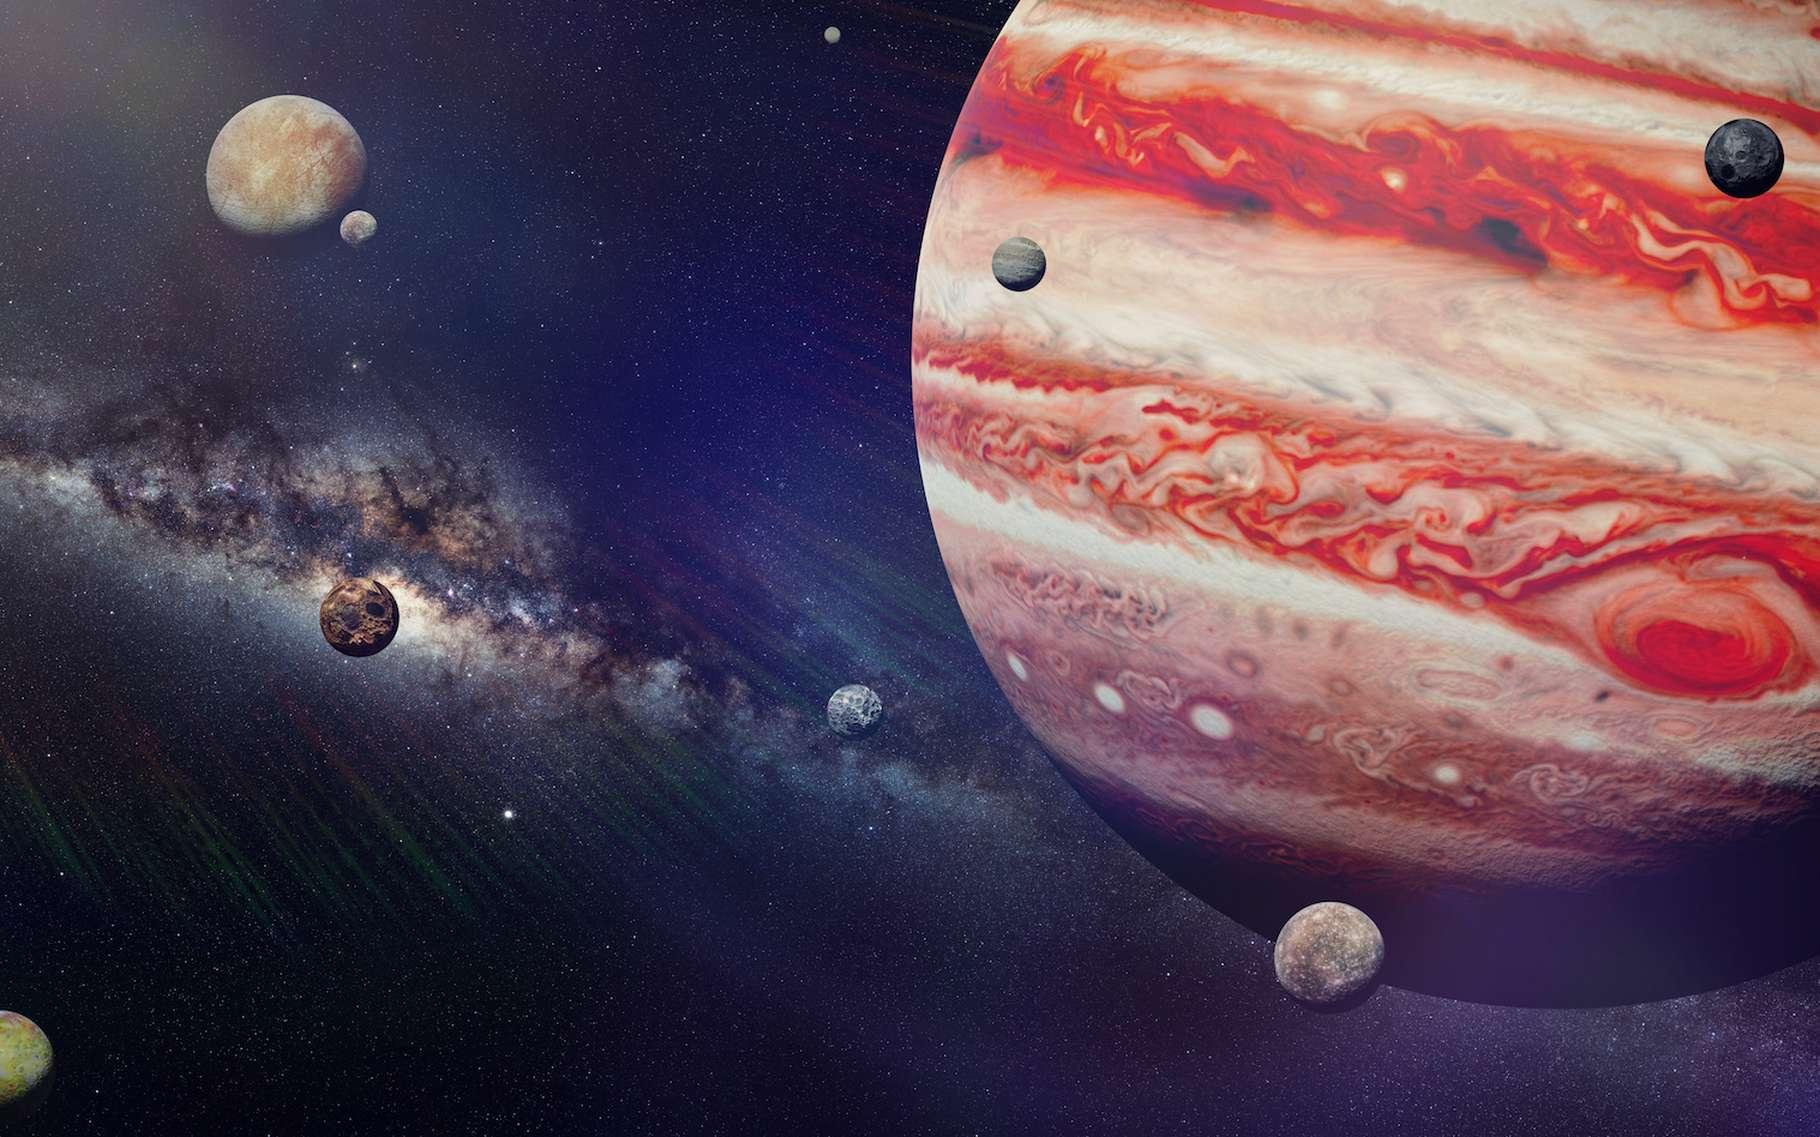 Jupiter aurait plus de lunes que les astronomes le pensaient. Le nombre pourrait même monter jusqu'à 600, avancent des chercheurs de l'université de Colombie britannique (Canada). © Dottedyeti, Adobe Stock